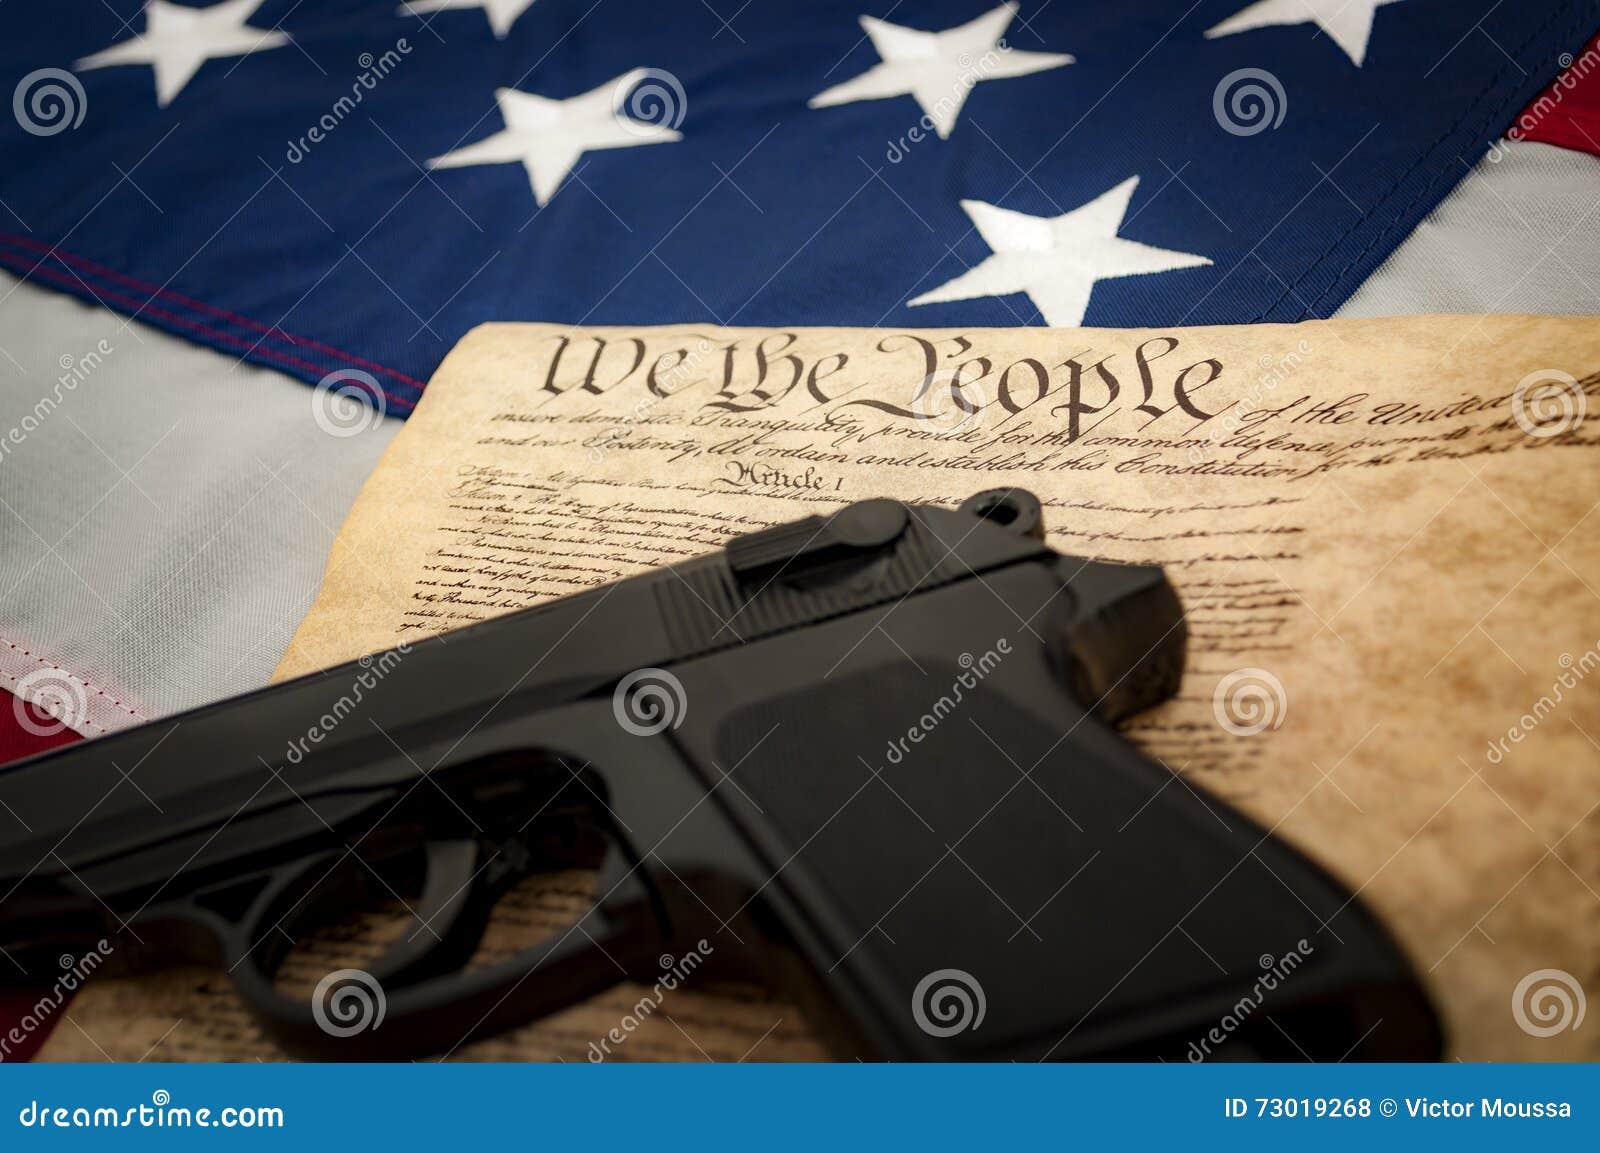 Le deuxième amendement